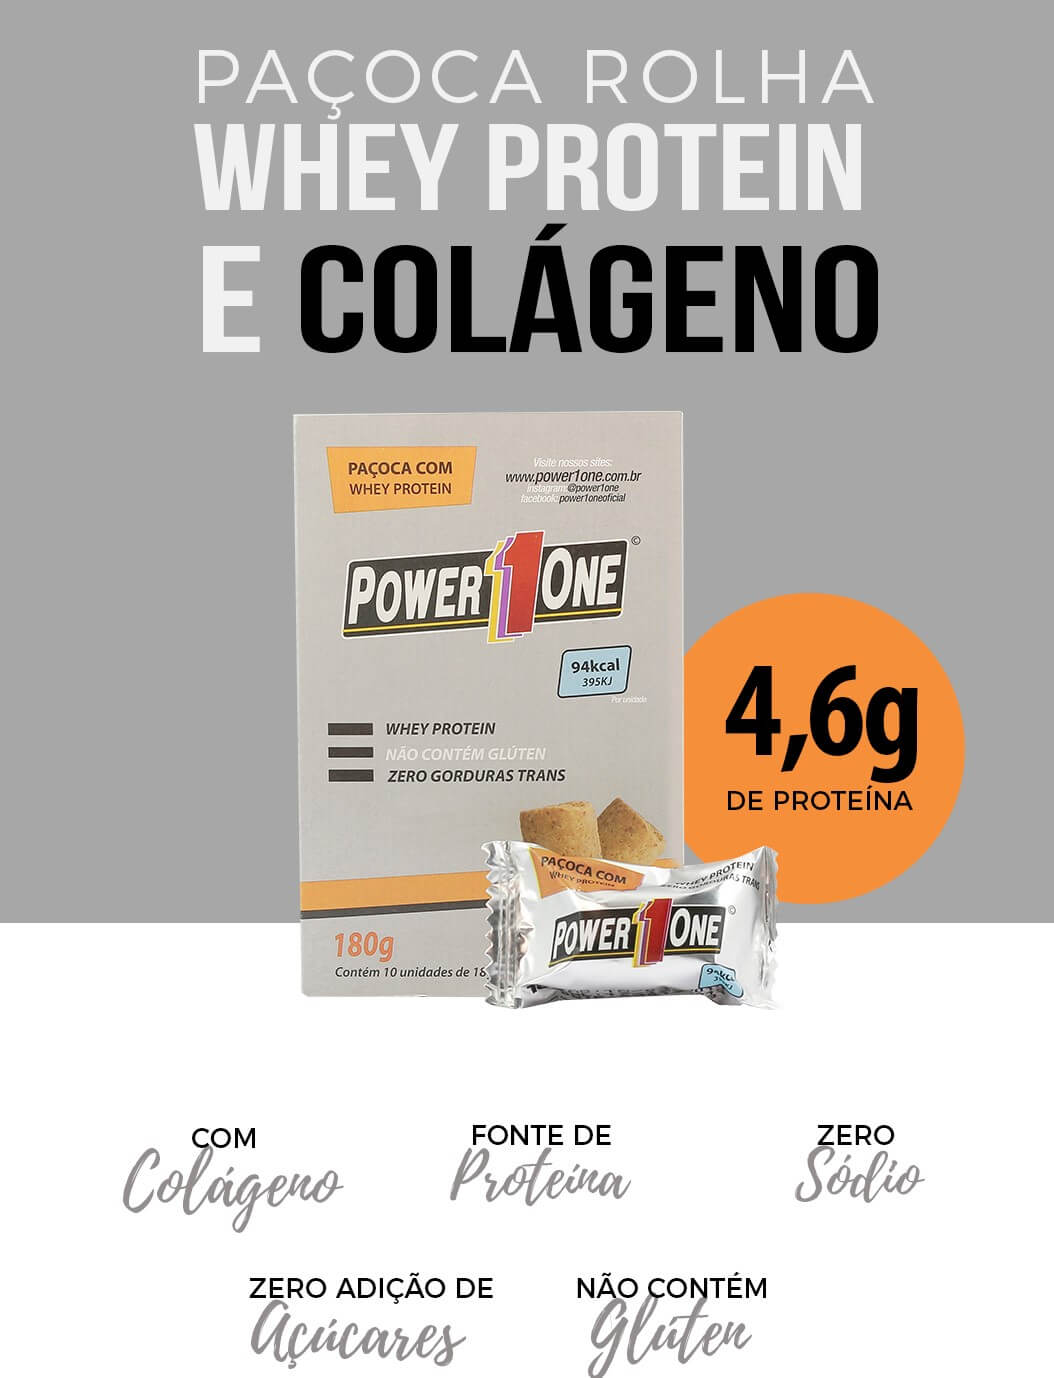 PAÇOCA ROLHA COM WHEY PROTEIN E COLÁGENO 432g (24 unidades de 18g)